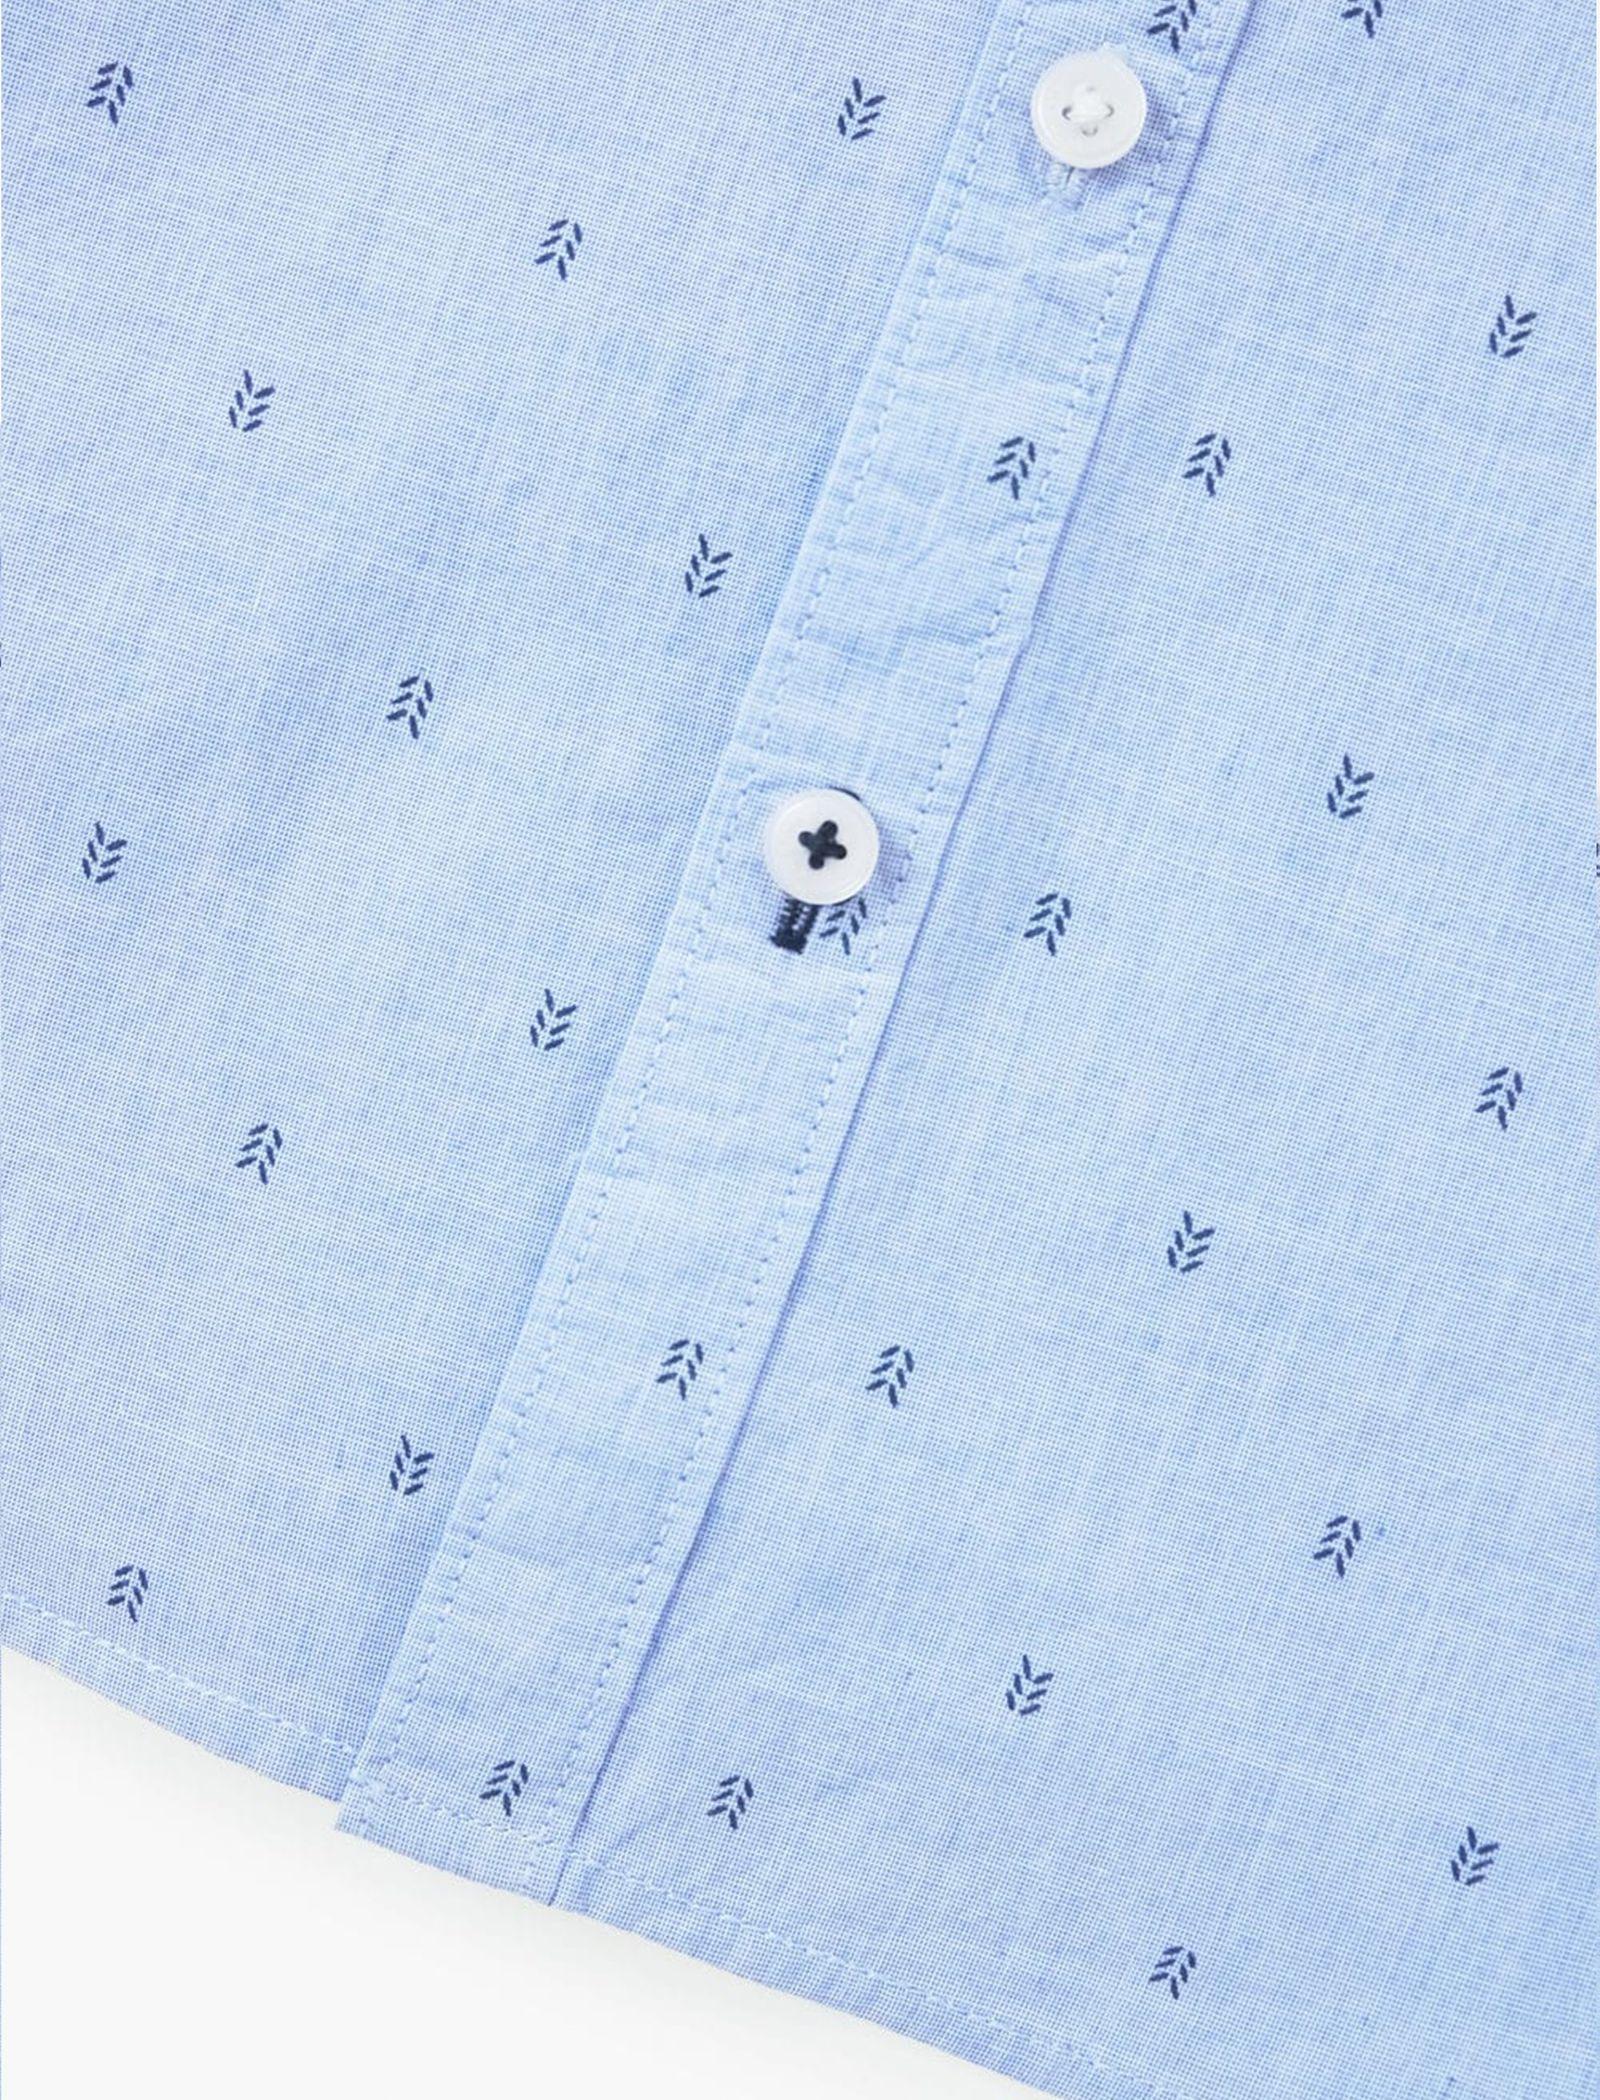 پیراهن نخی یقه برگردان پسرانه - مانگو - آبي - 5